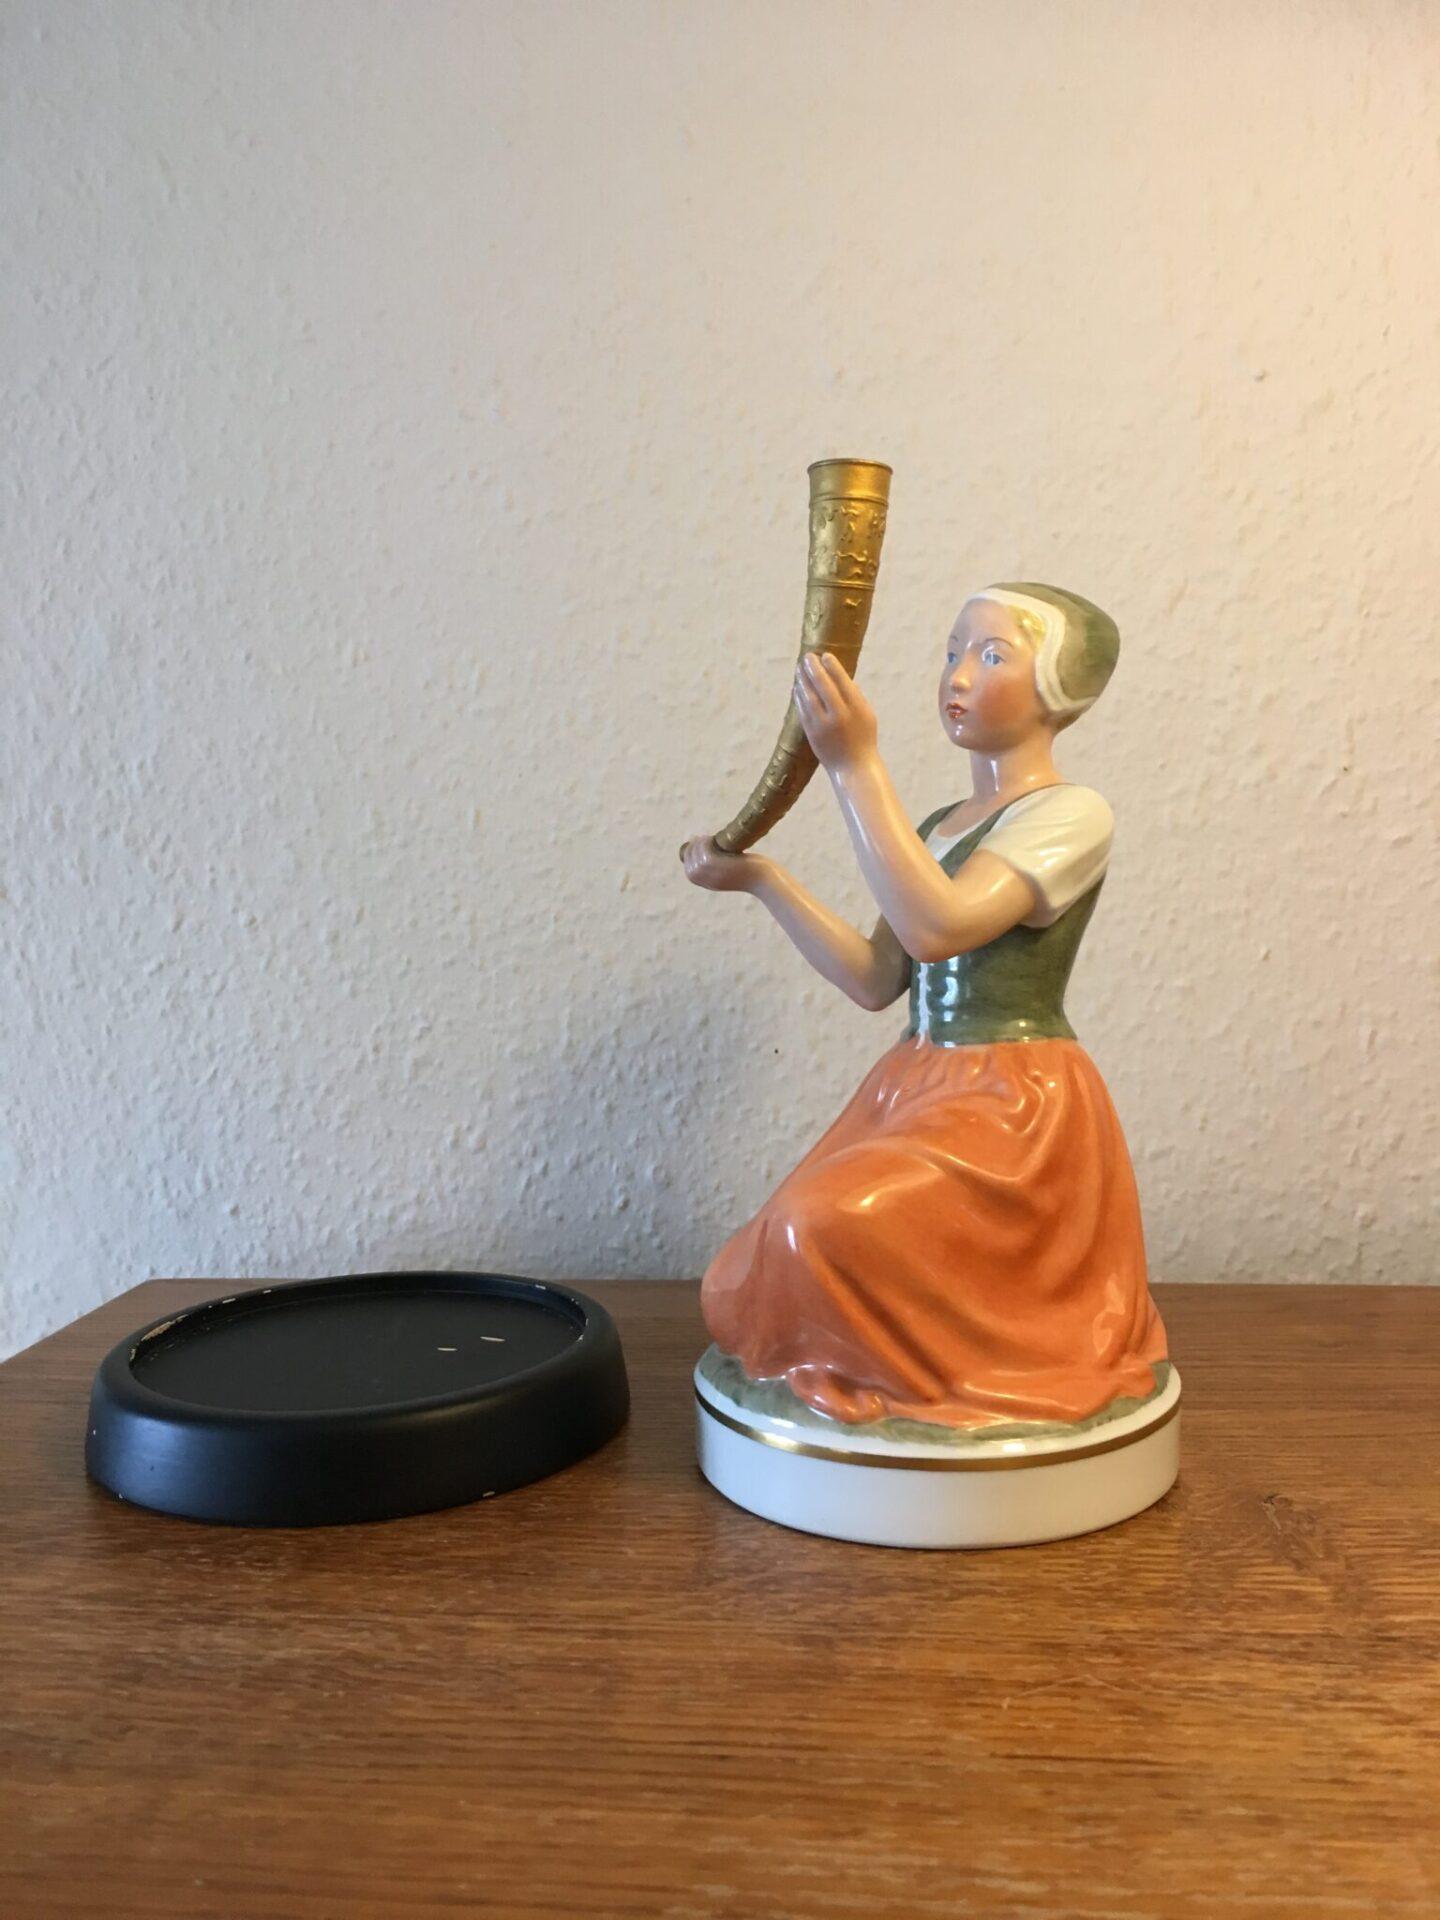 Pigen med Guldhornet, Kongelig porcelæn, overglasur, 1. sortering, fejlfri, pris 1500 kr (incl. sokk